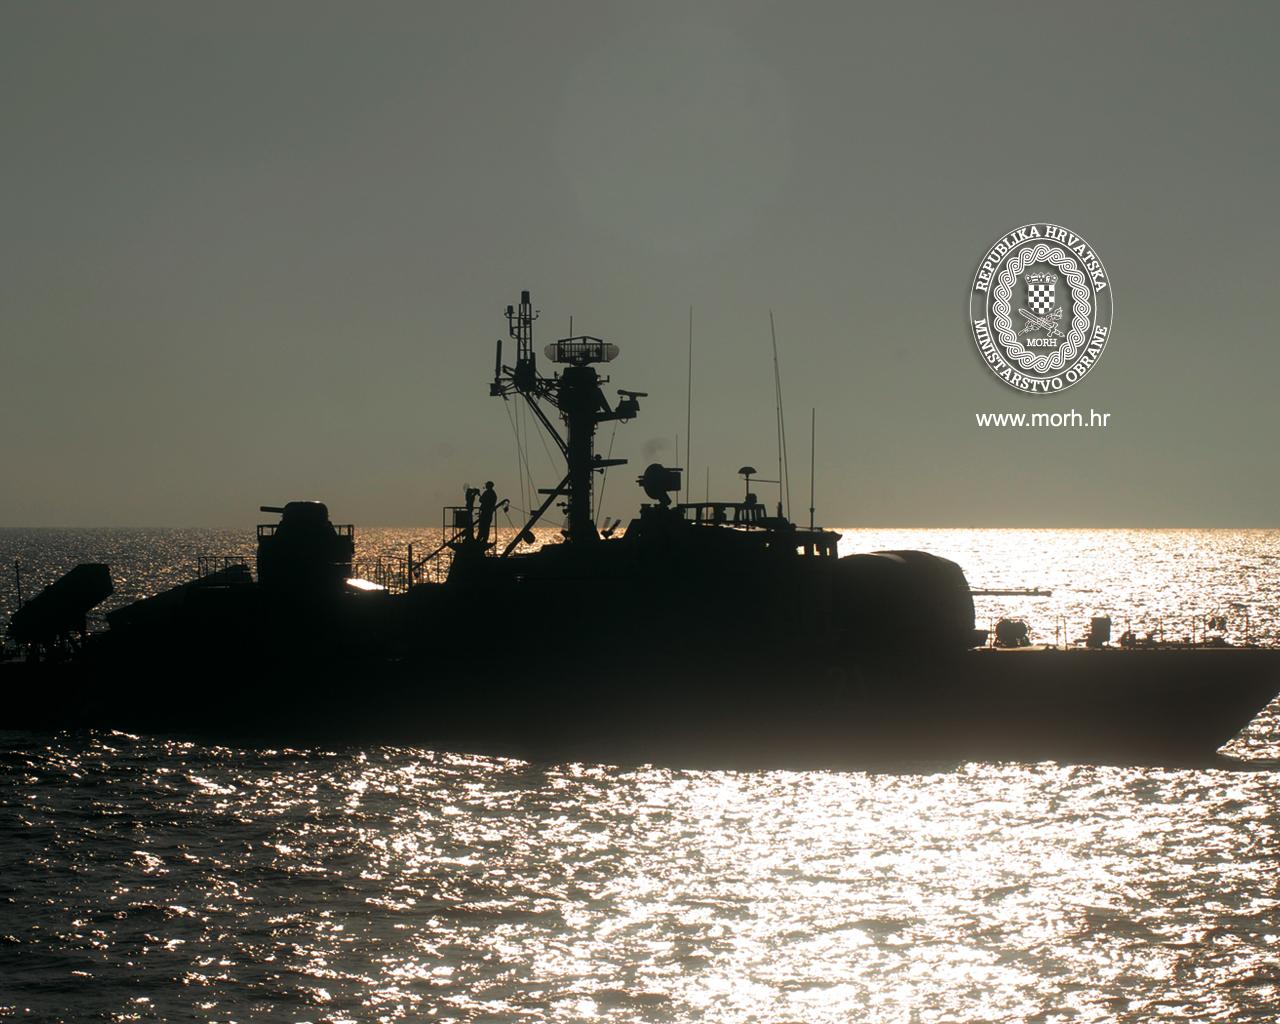 Mornarica 1280 x 1050